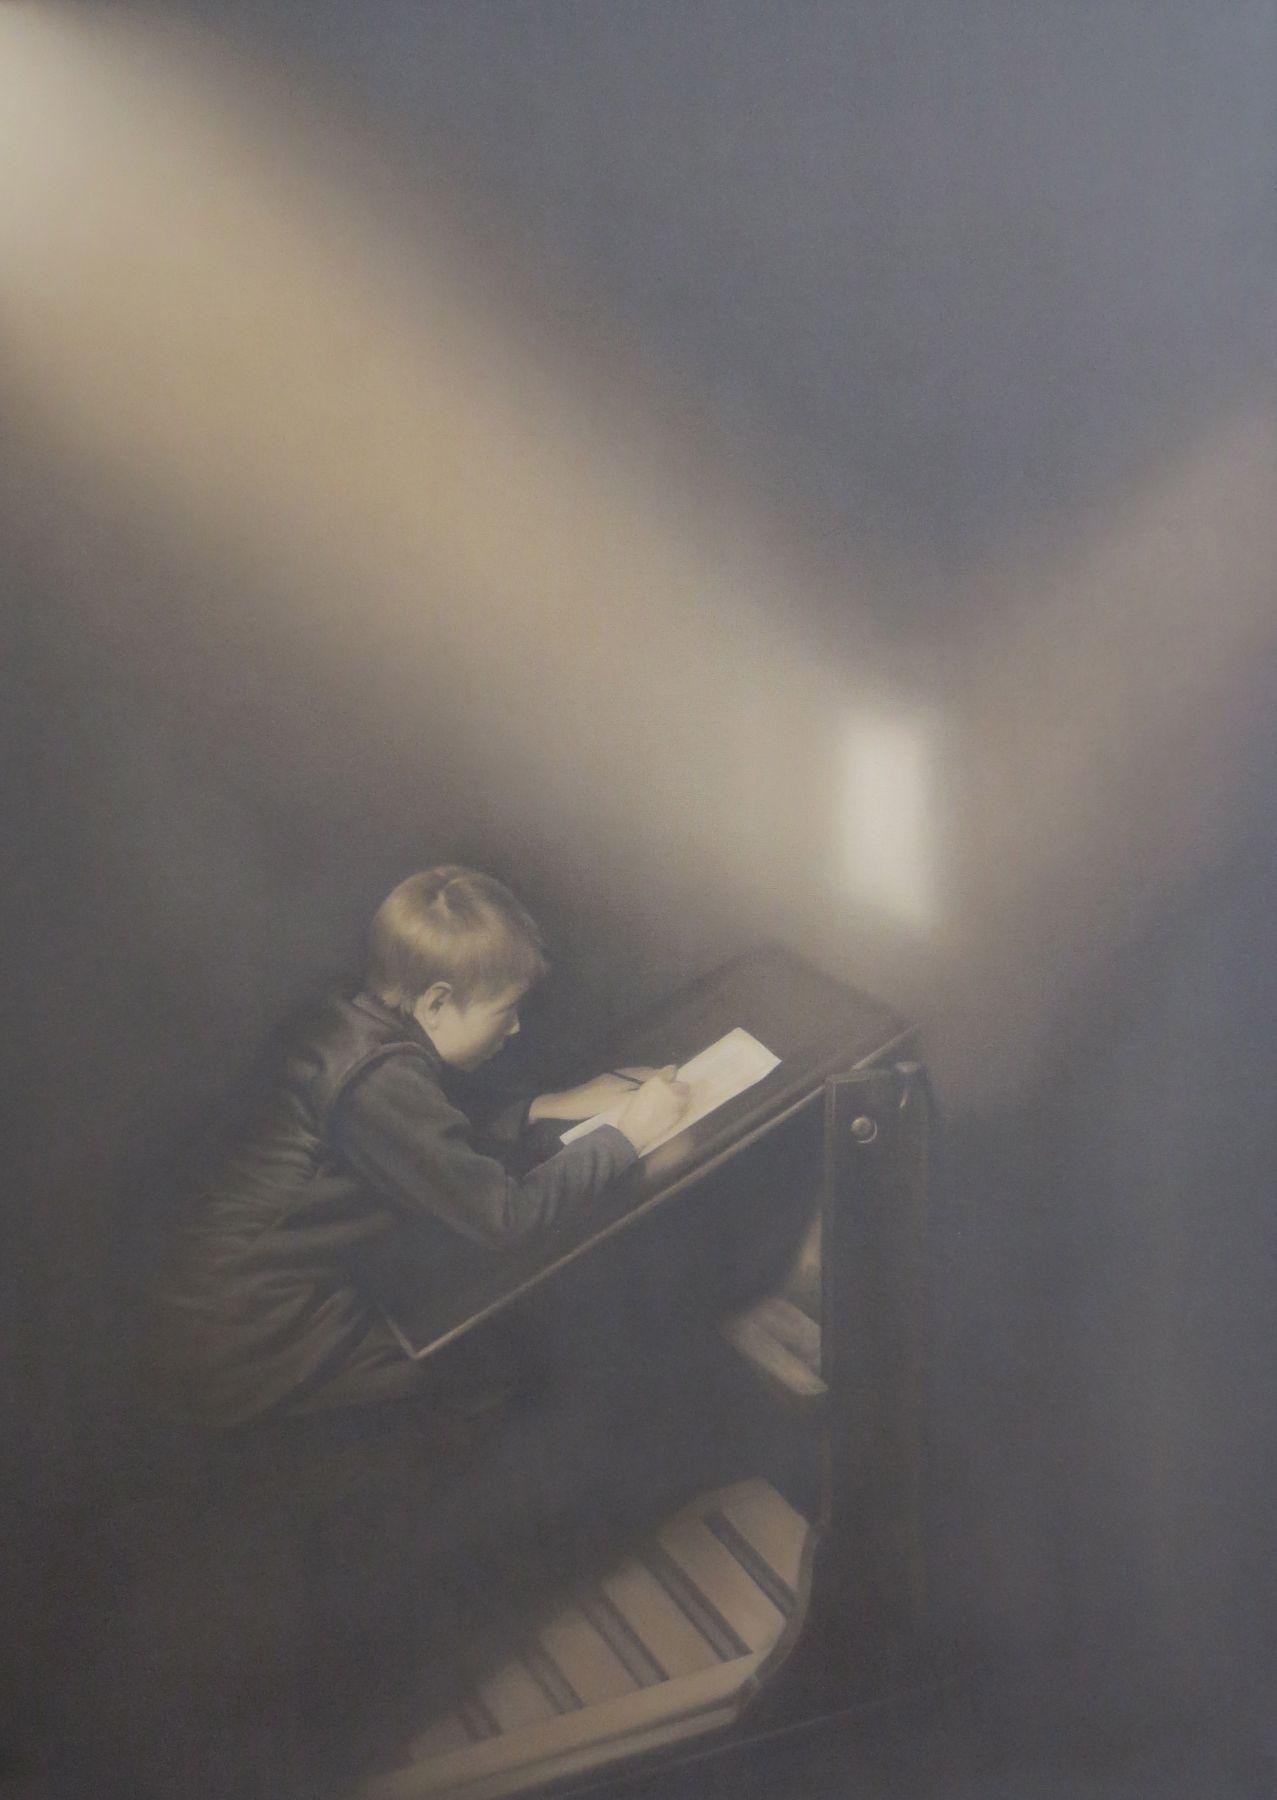 José-Alberto-Marchi-Darkness-1